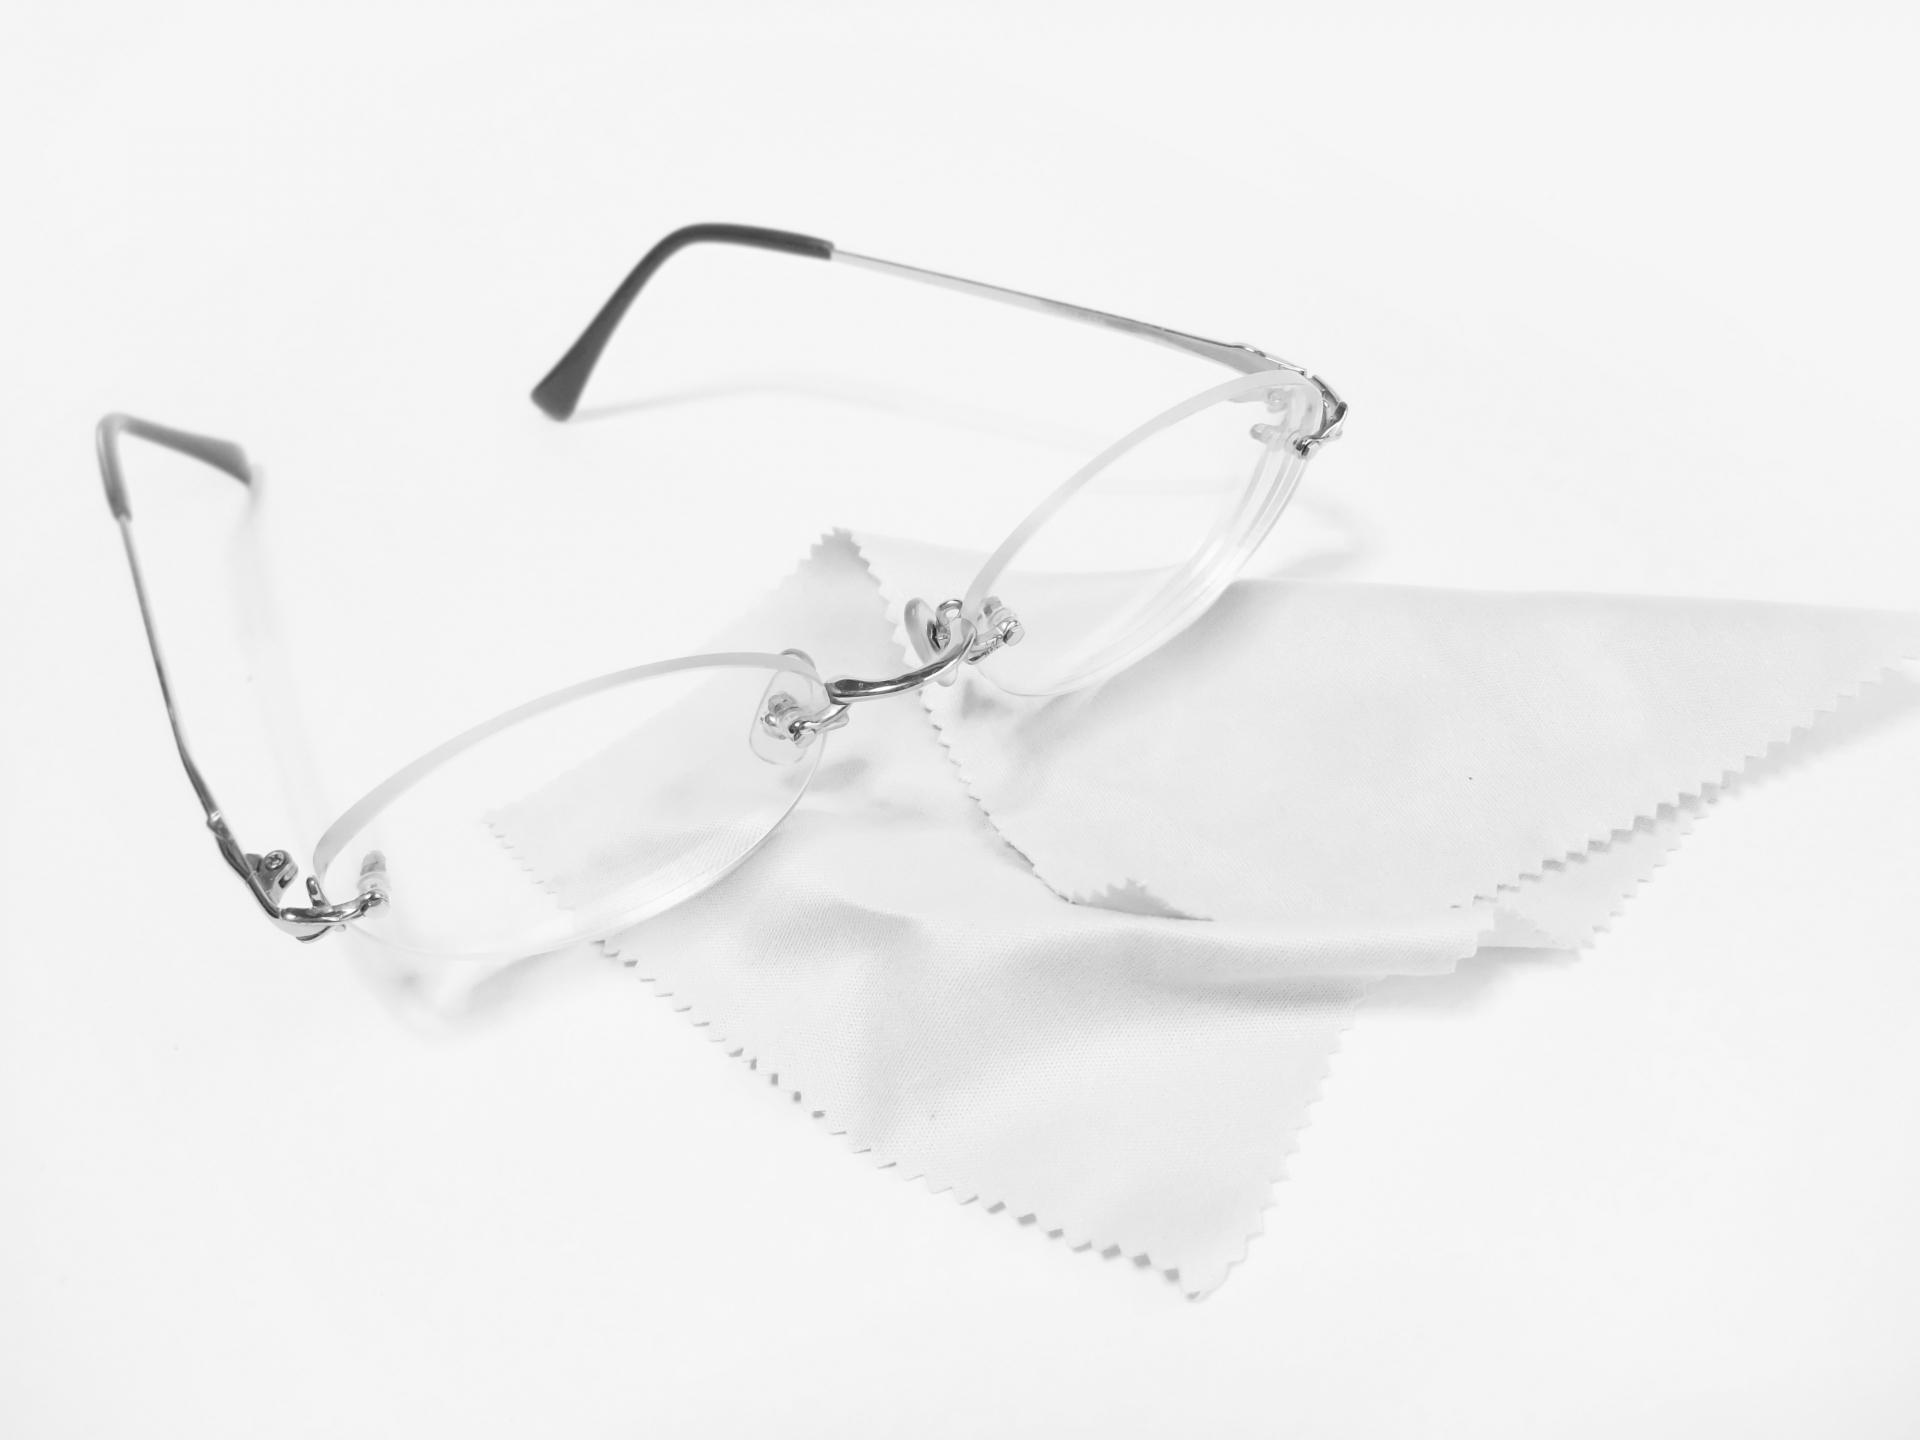 メガネが曇らないマスクのおすすめ6選女性用子ども用も Heim ハイム